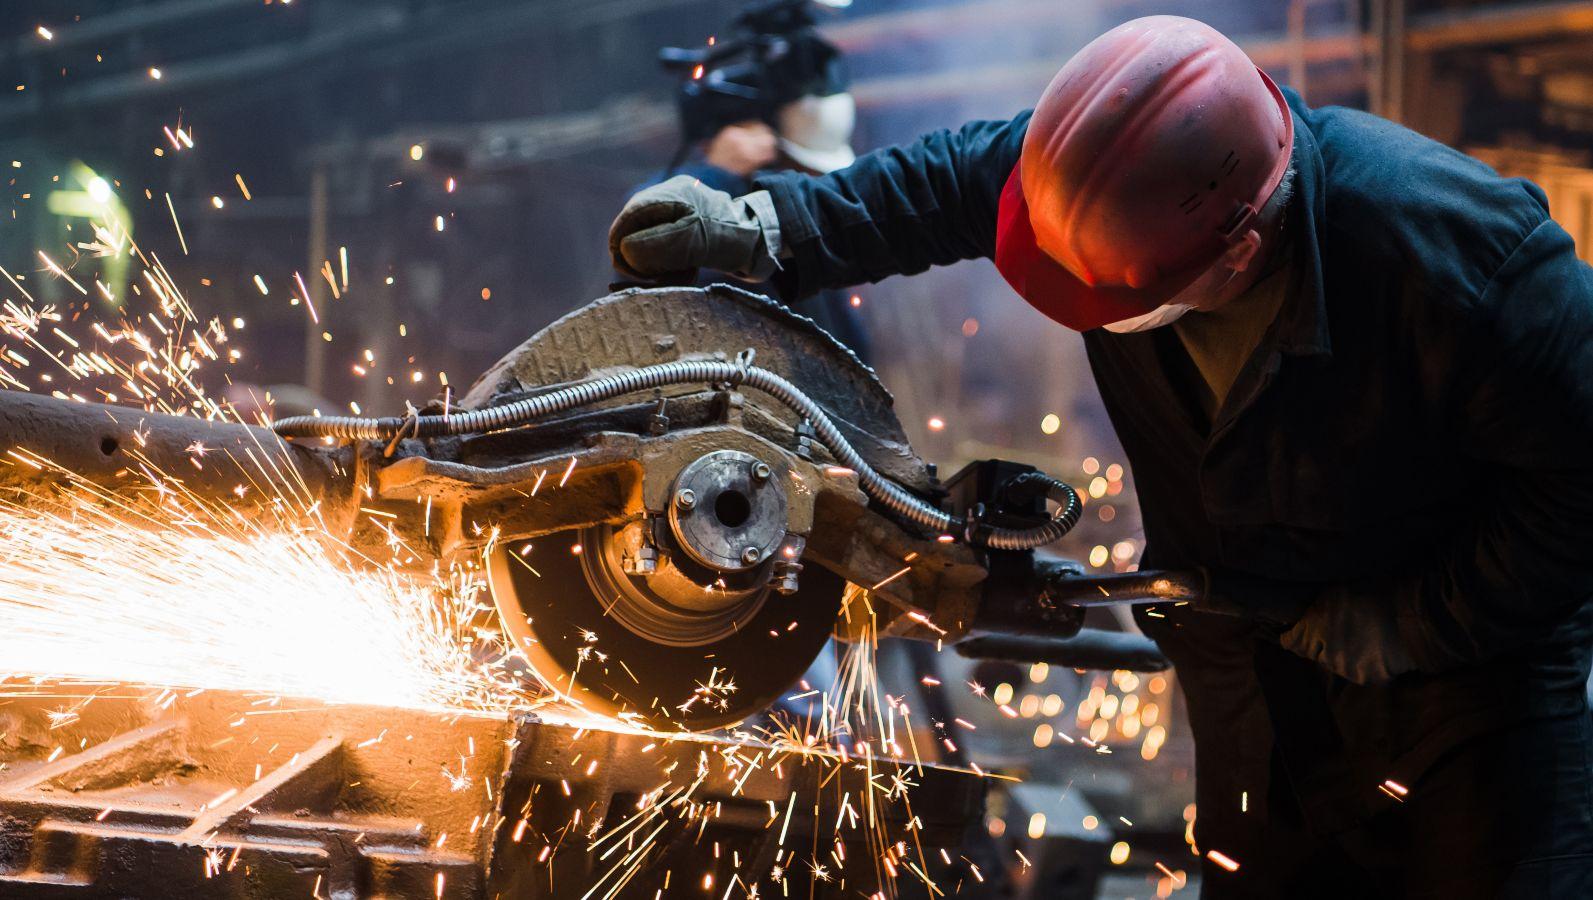 Arbeiter verarbeitet Stahl mit einer Sägemaschine. Das Metall ist heiß und es sprühen Funken.